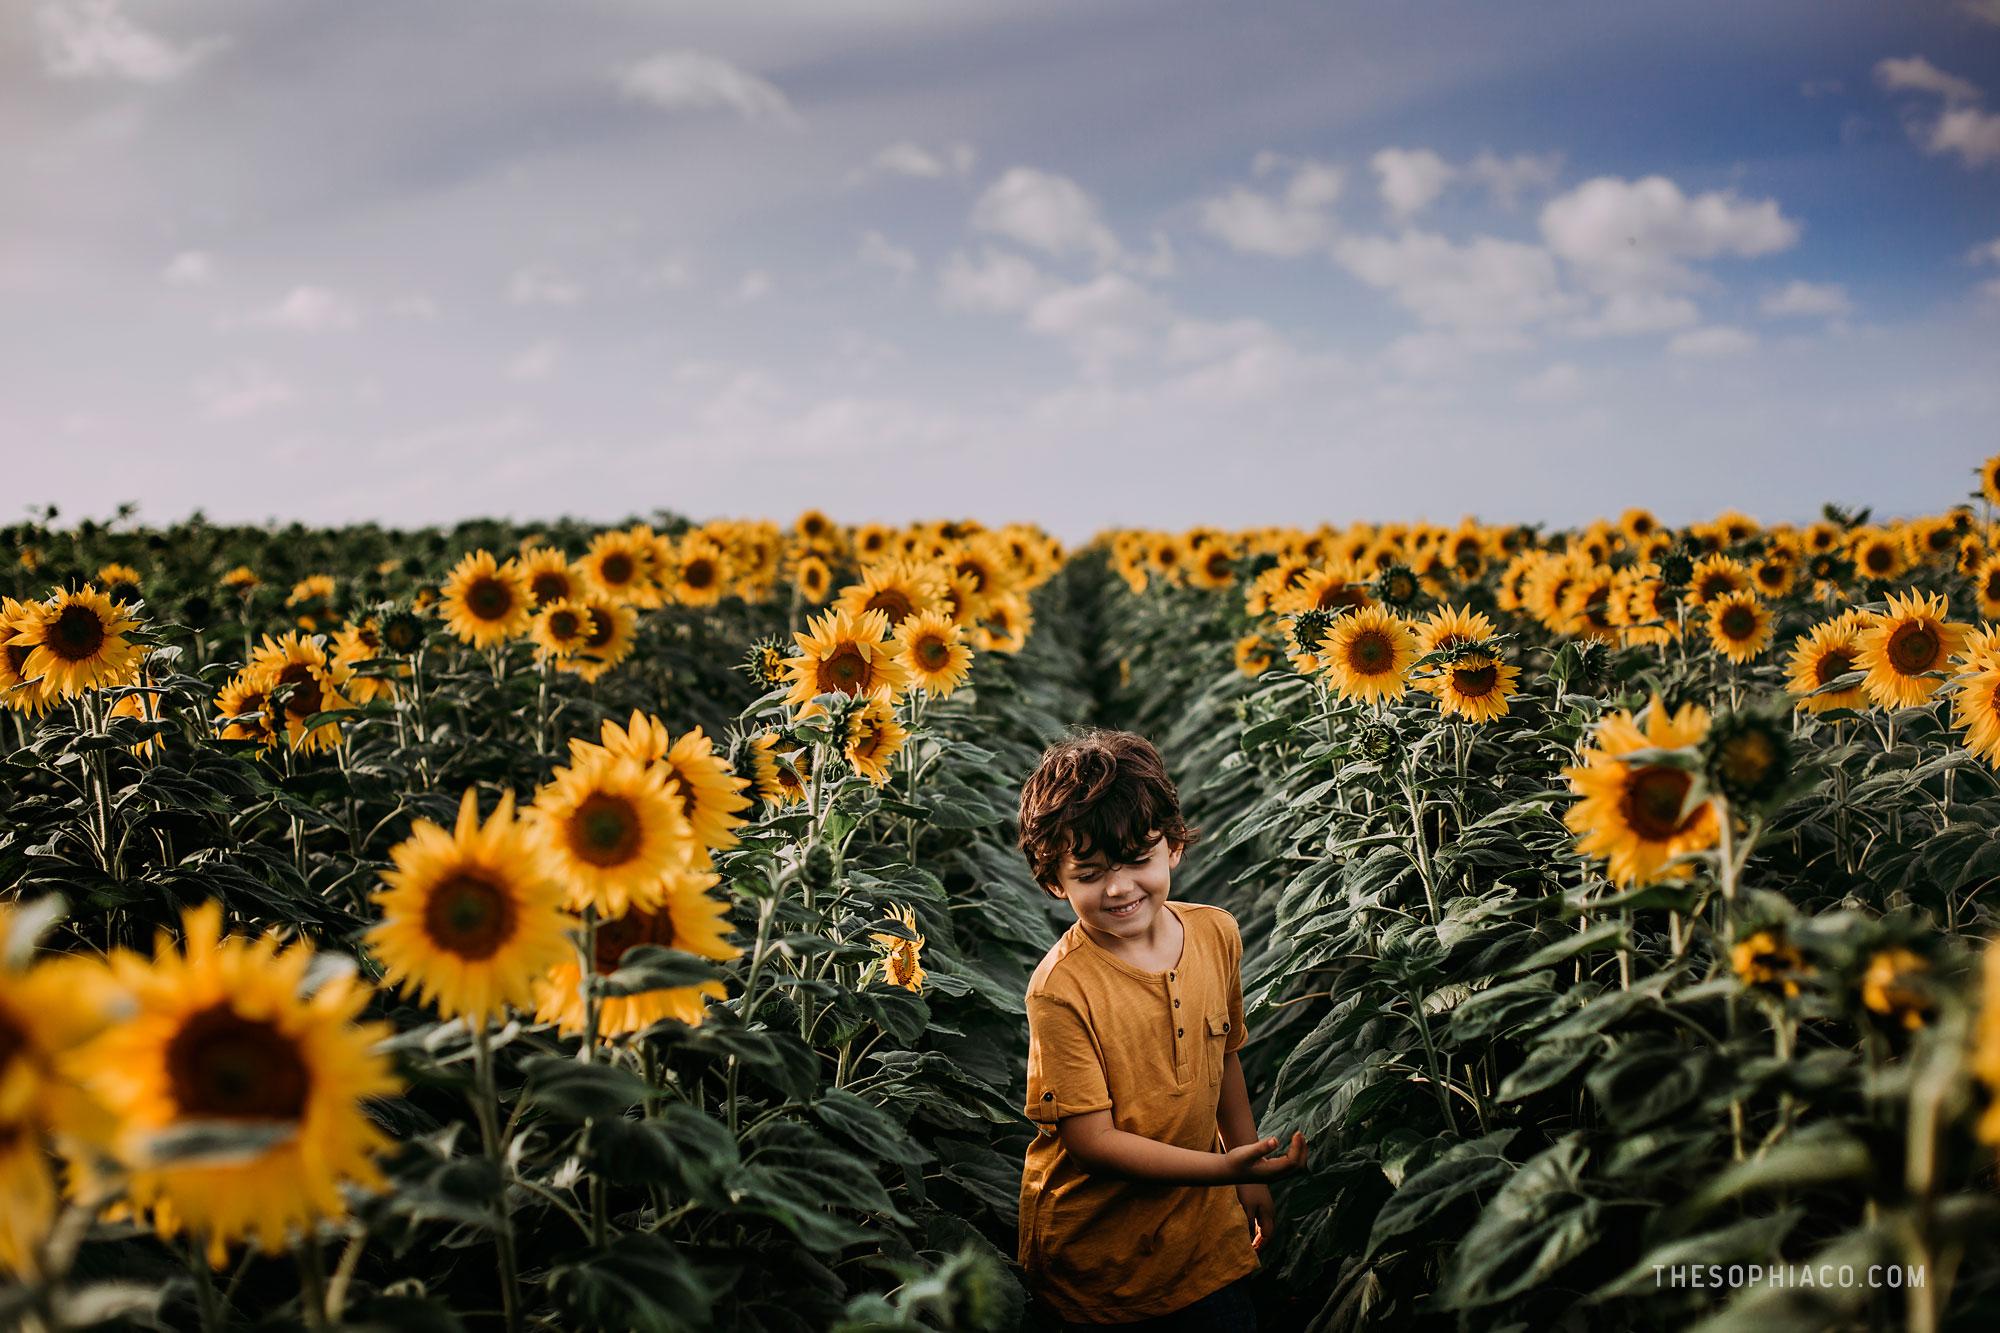 waialua-sunflowers-oahu-family-photography-14.jpg